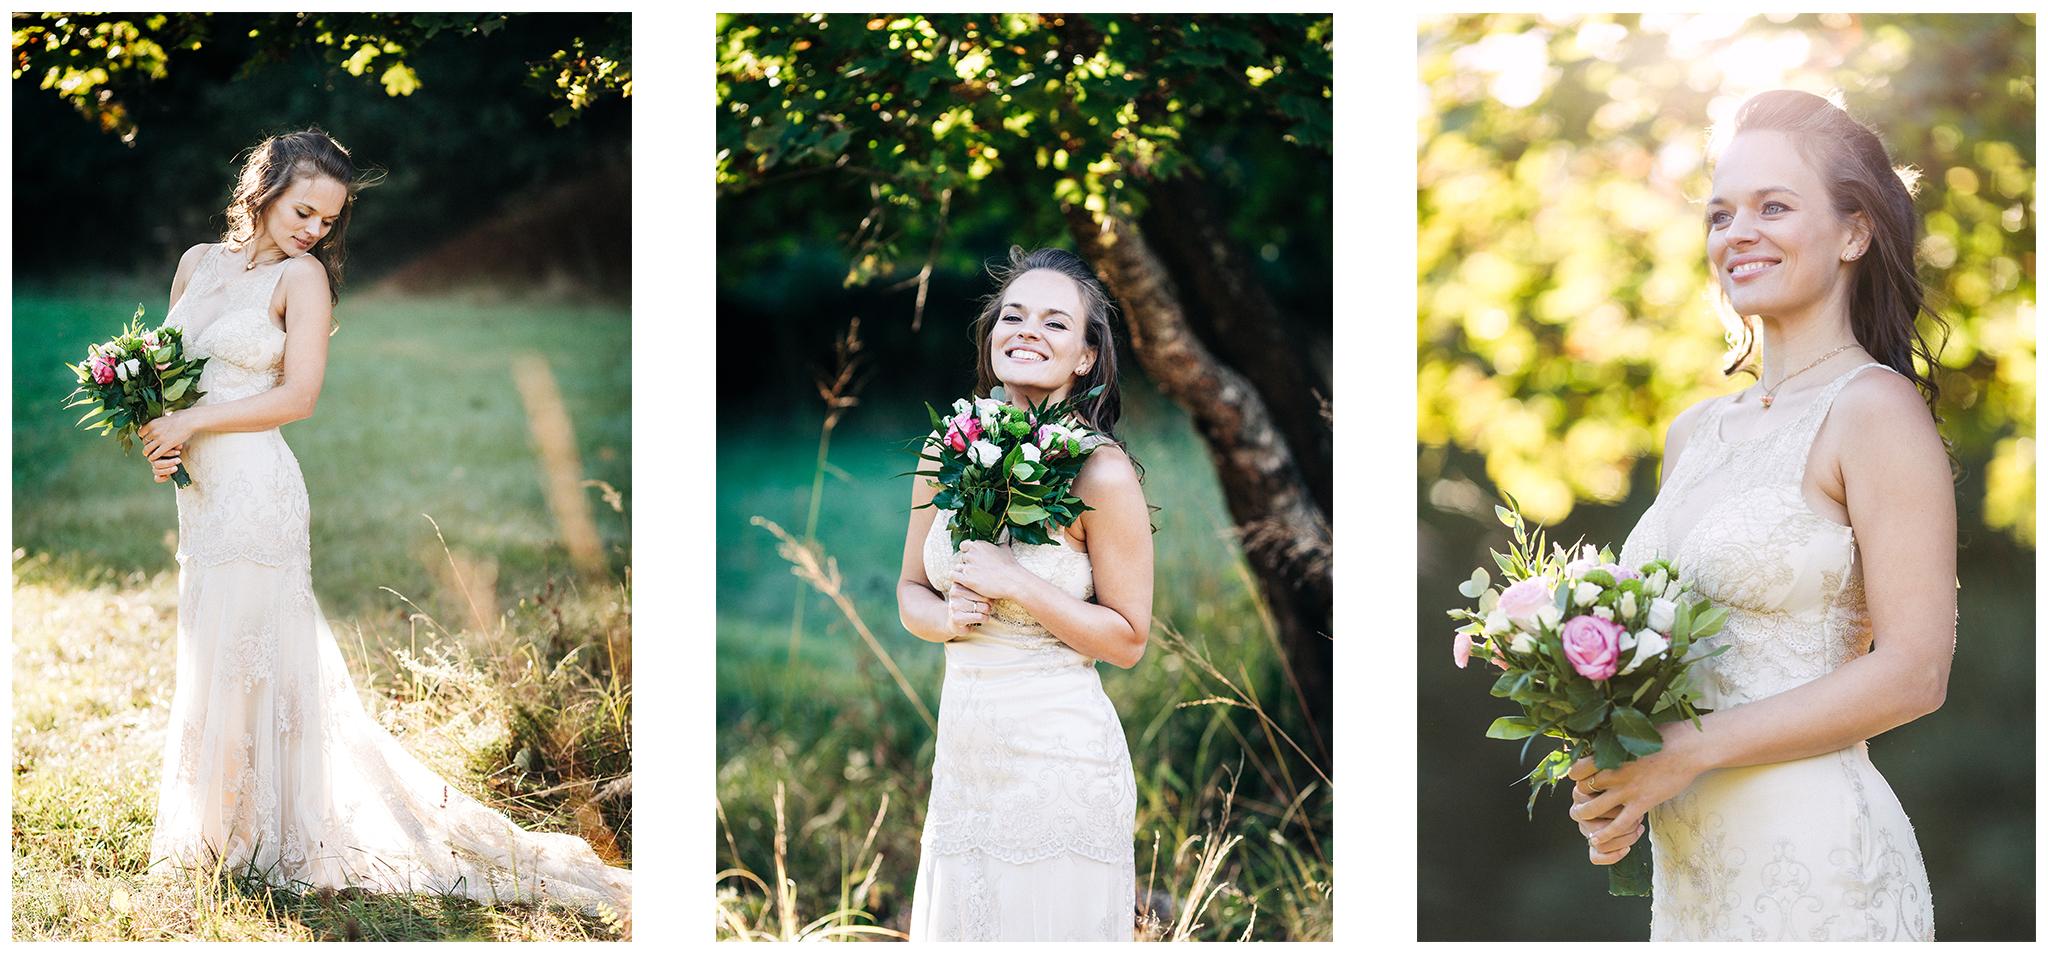 Esküvőfotós Vasmegye, Esküvő fotózás, Esküvői fotós, Körmend,Őrség, Balaton, Vas megye, Dunántúl, Budapest, Fülöp Péter, Jegyes fotózás, jegyes, Balaton, kreatívfotózás,Wien,Ausztira,Österreich,hochzeitsfotograf_ZSB_22.jpg